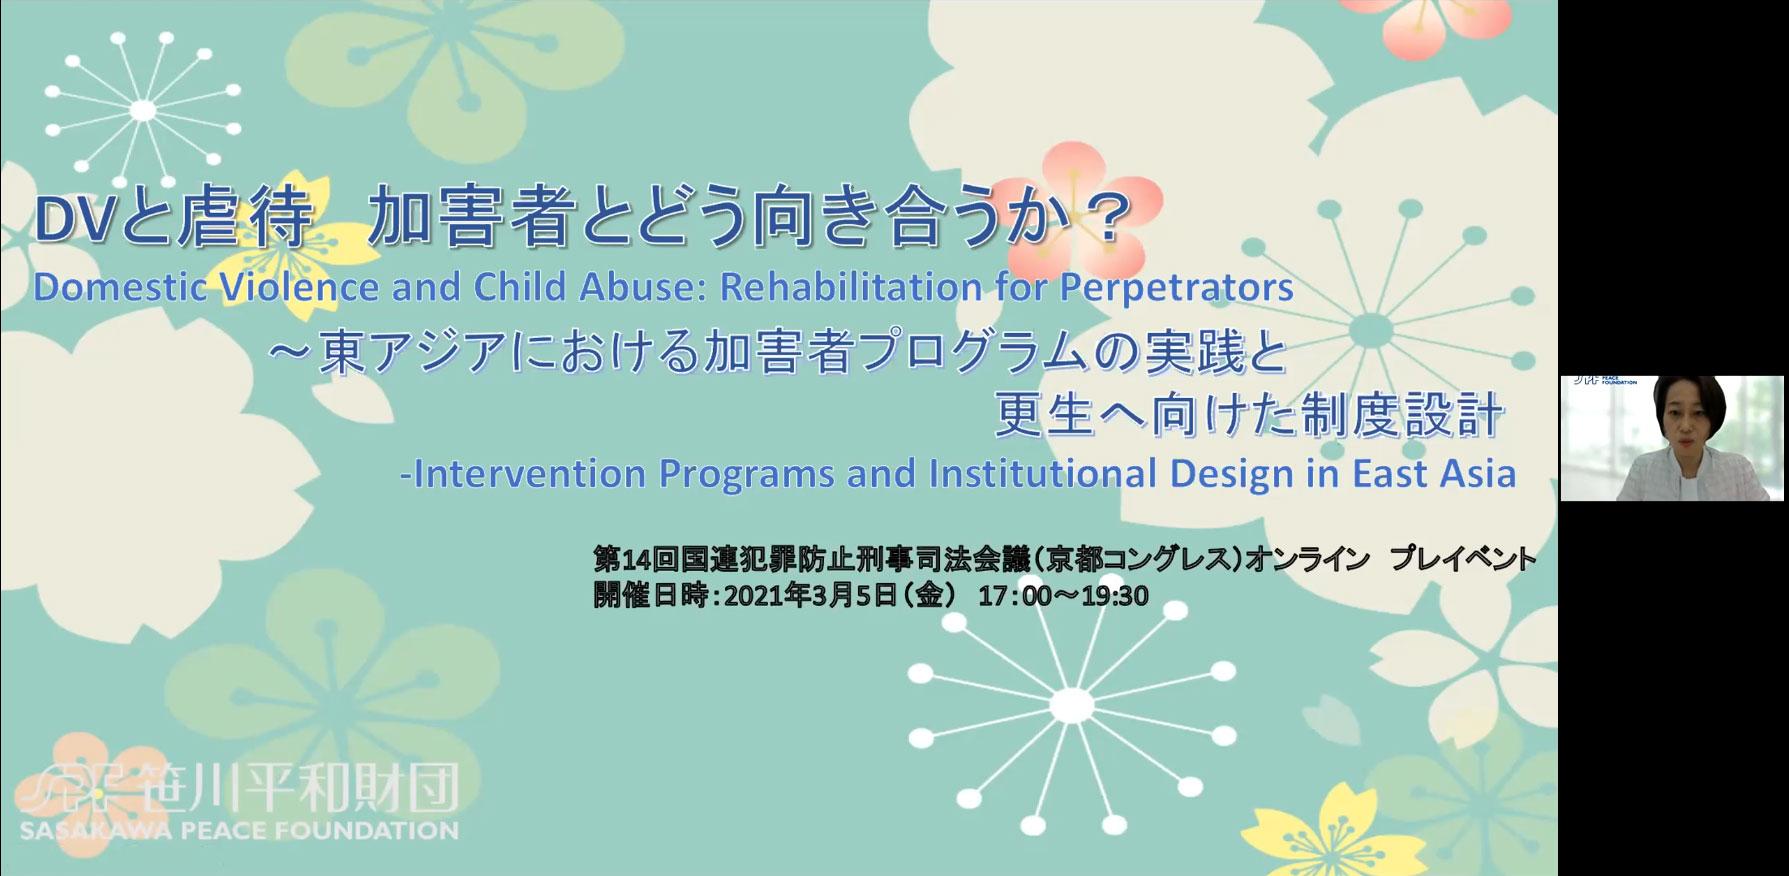 (代)DVと虐待、加害者とどう向き合うか:更生へ向けたプログラムと制度を討議(第14回国連犯罪防止刑事司法会議のプレイベント)